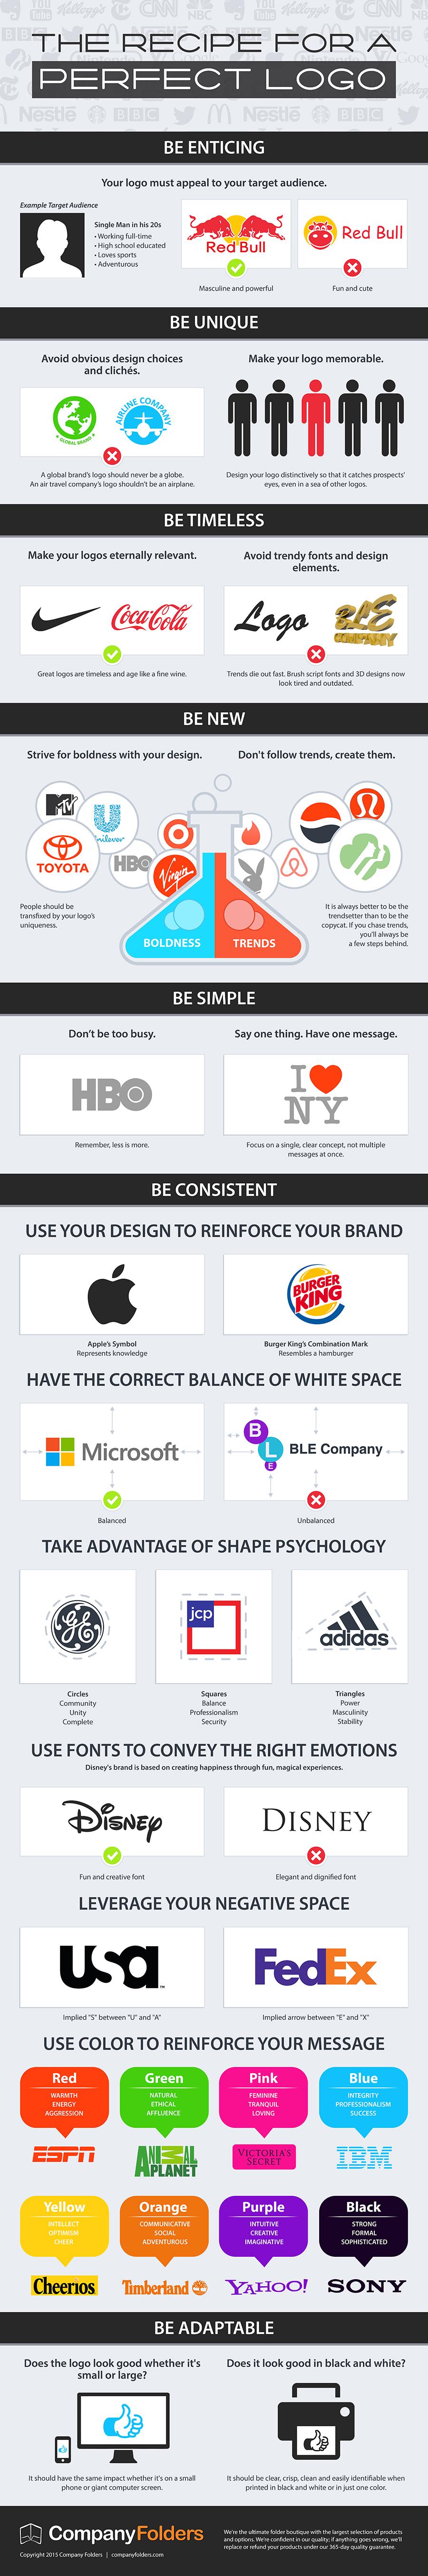 la-recette-pour-concevoir-un-logo-parfait